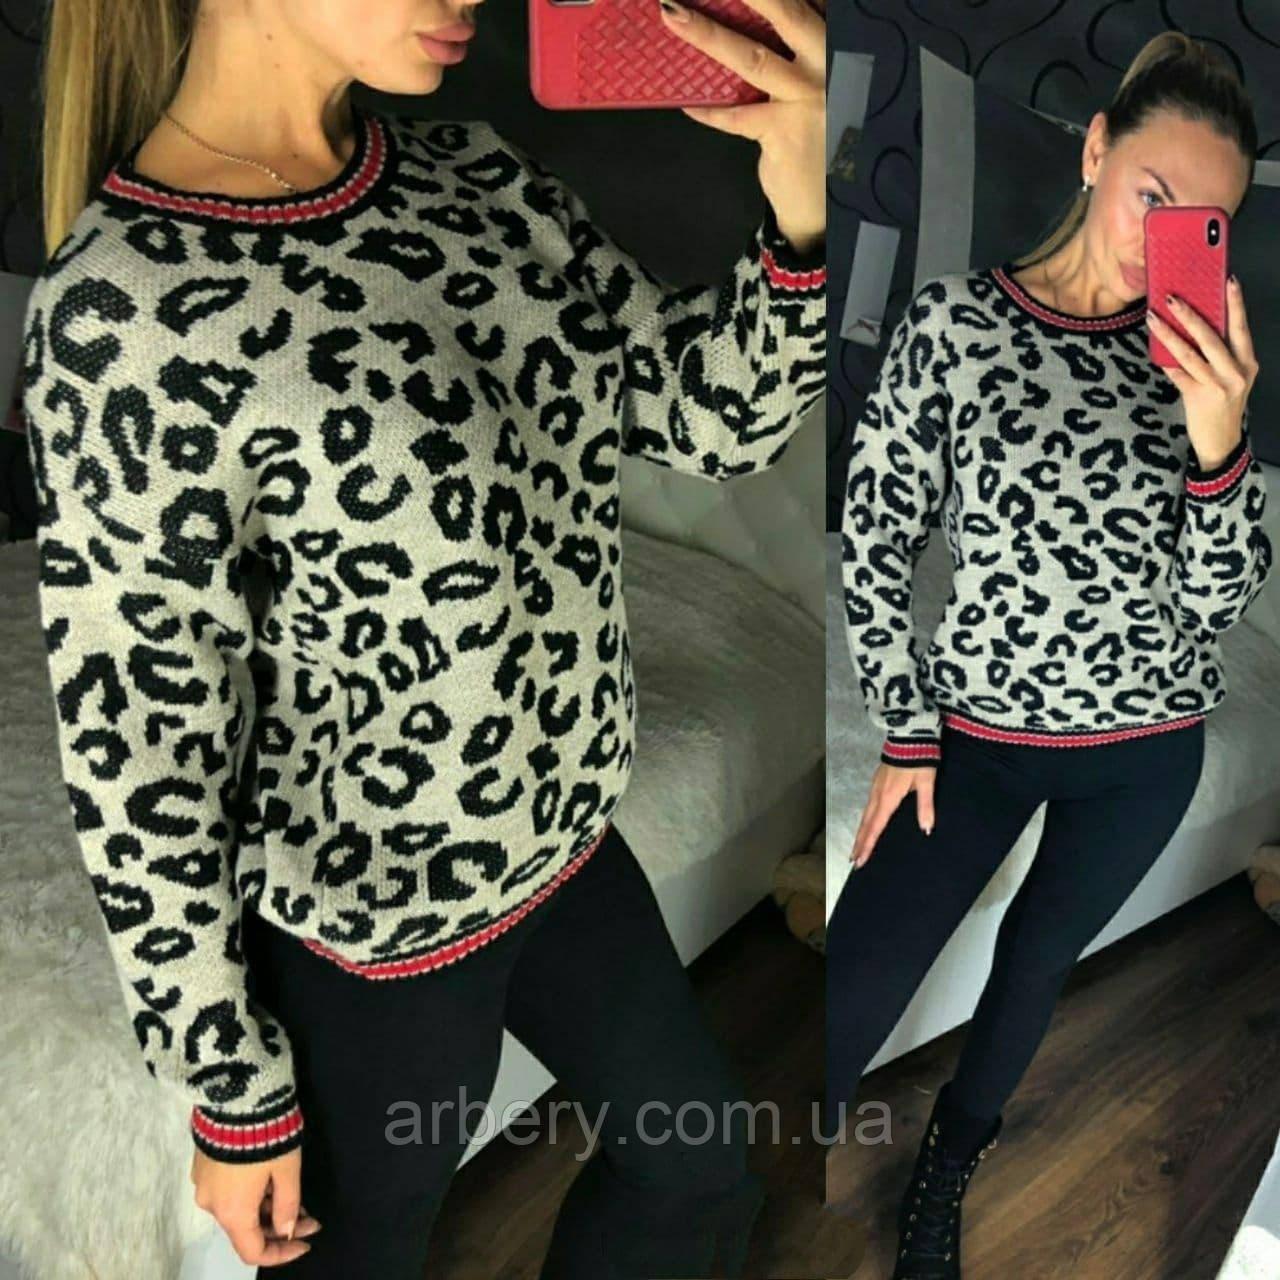 Шикарный вязанный леопардовый свитерок